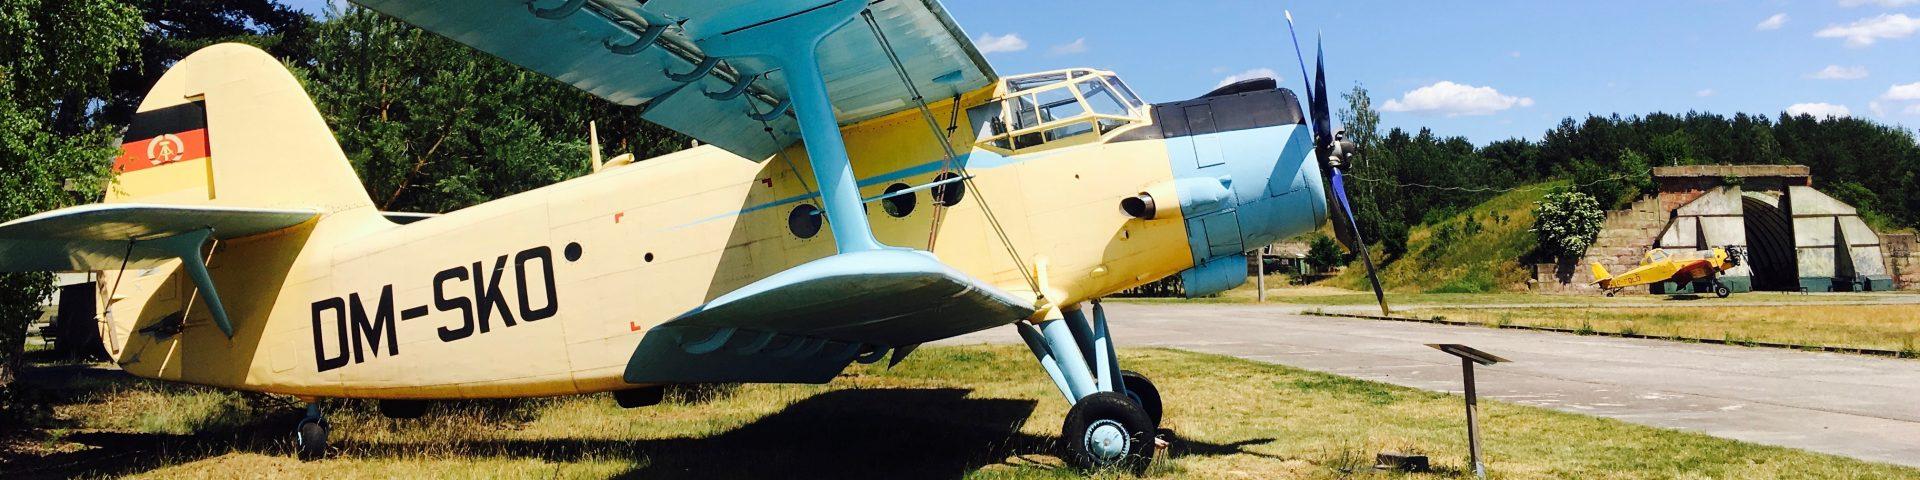 Luftfahrt in Brandenburg